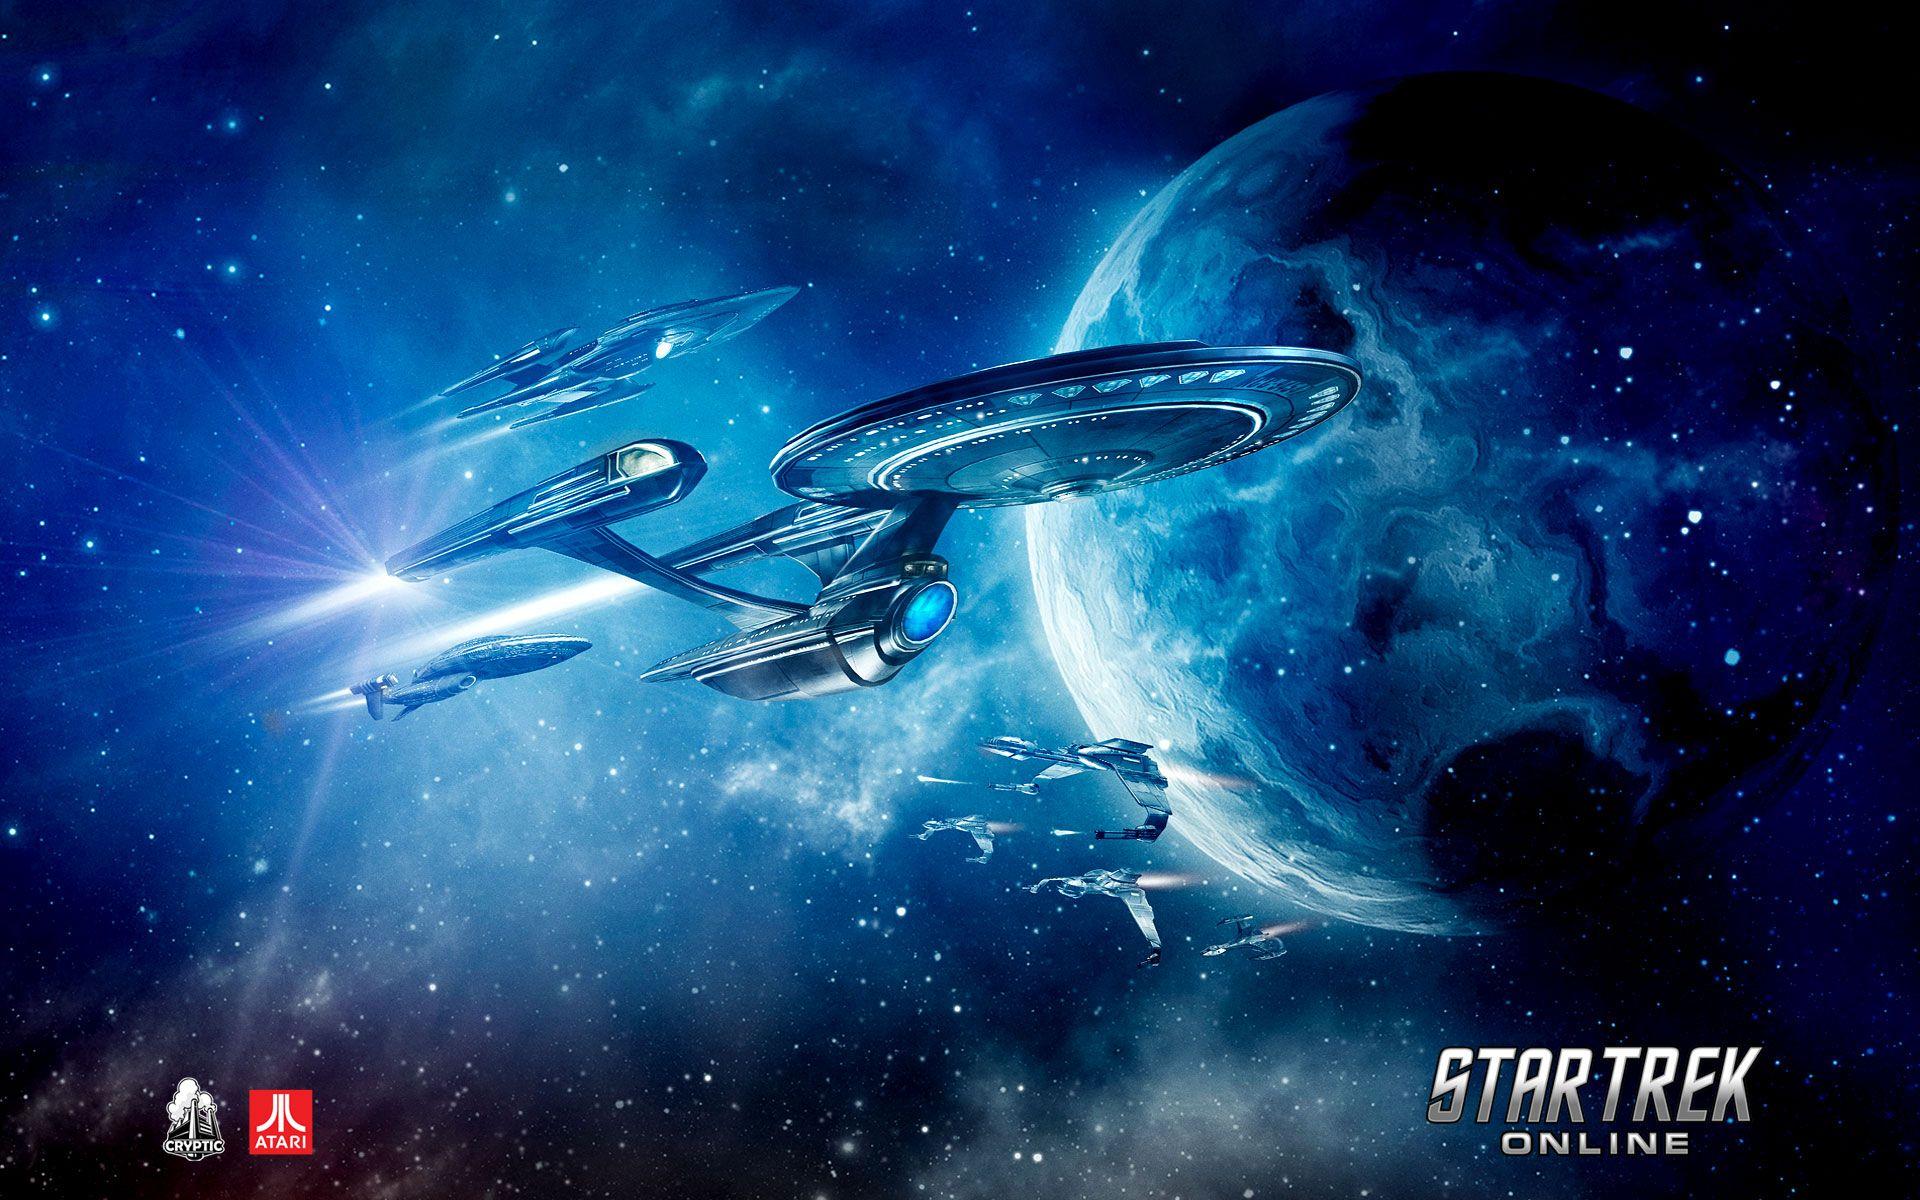 File Name : Star Trek Wallpaper HD